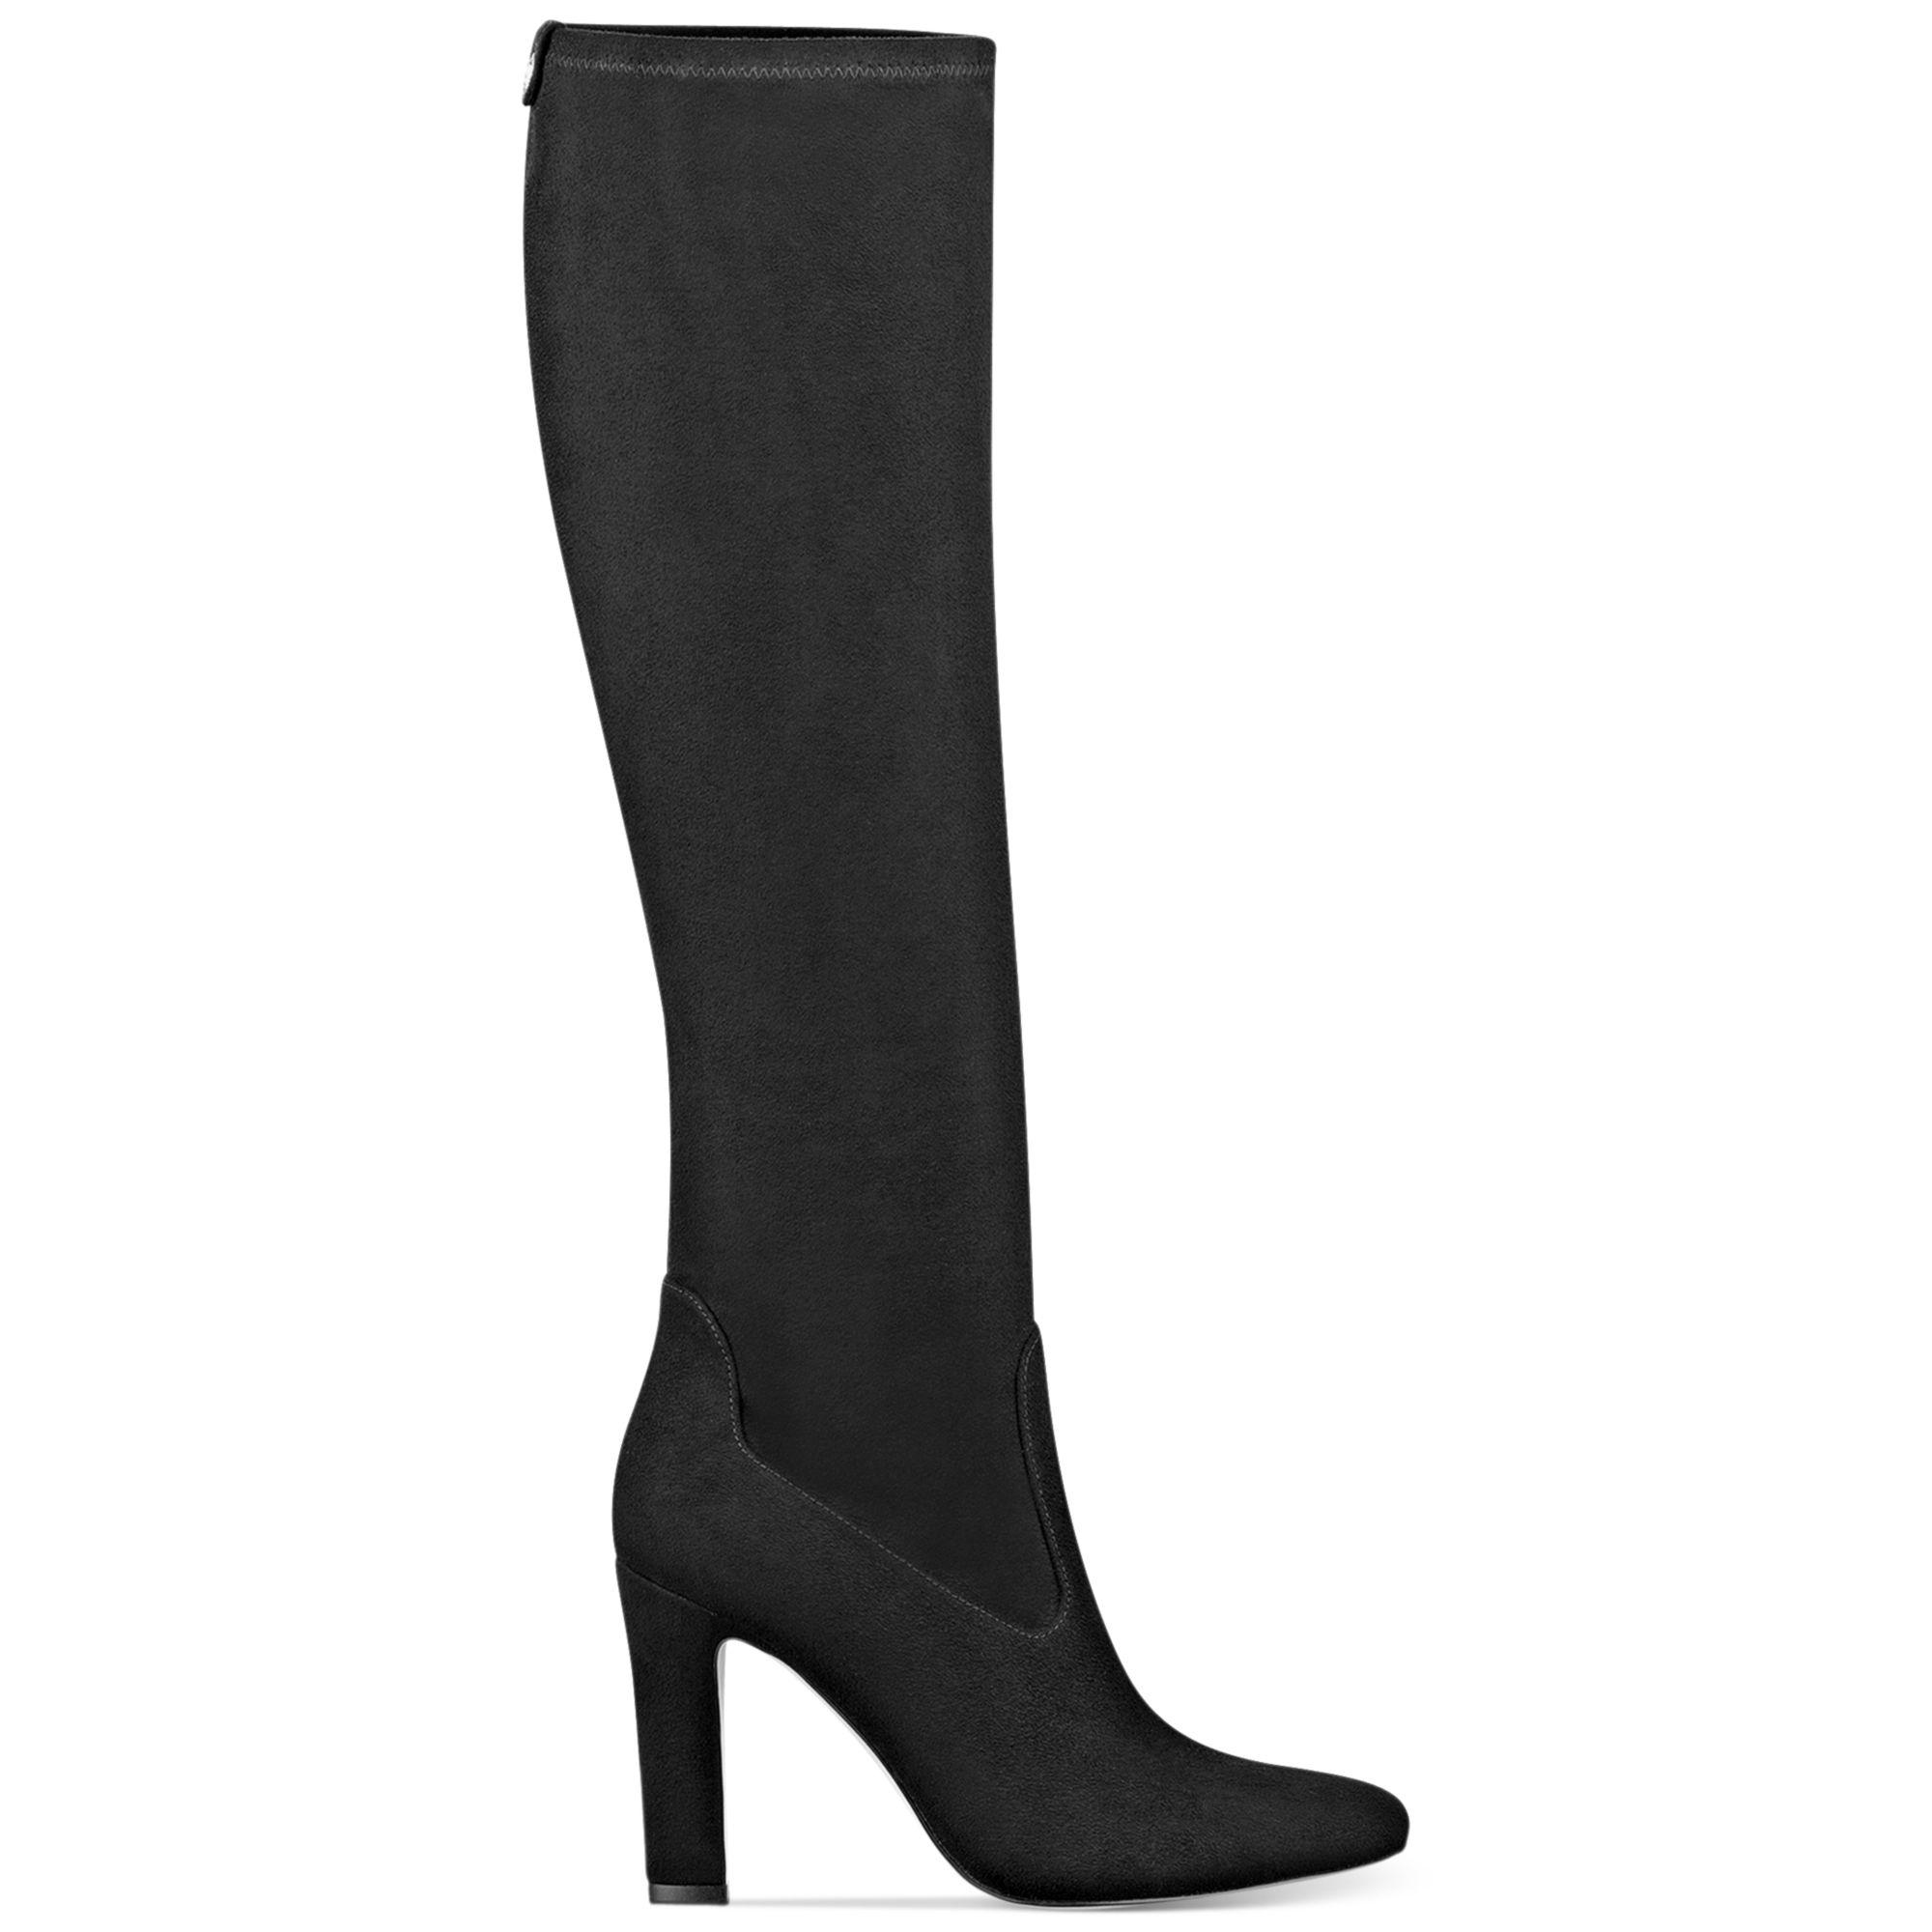 ivanka sila shaft high heel dress boots in